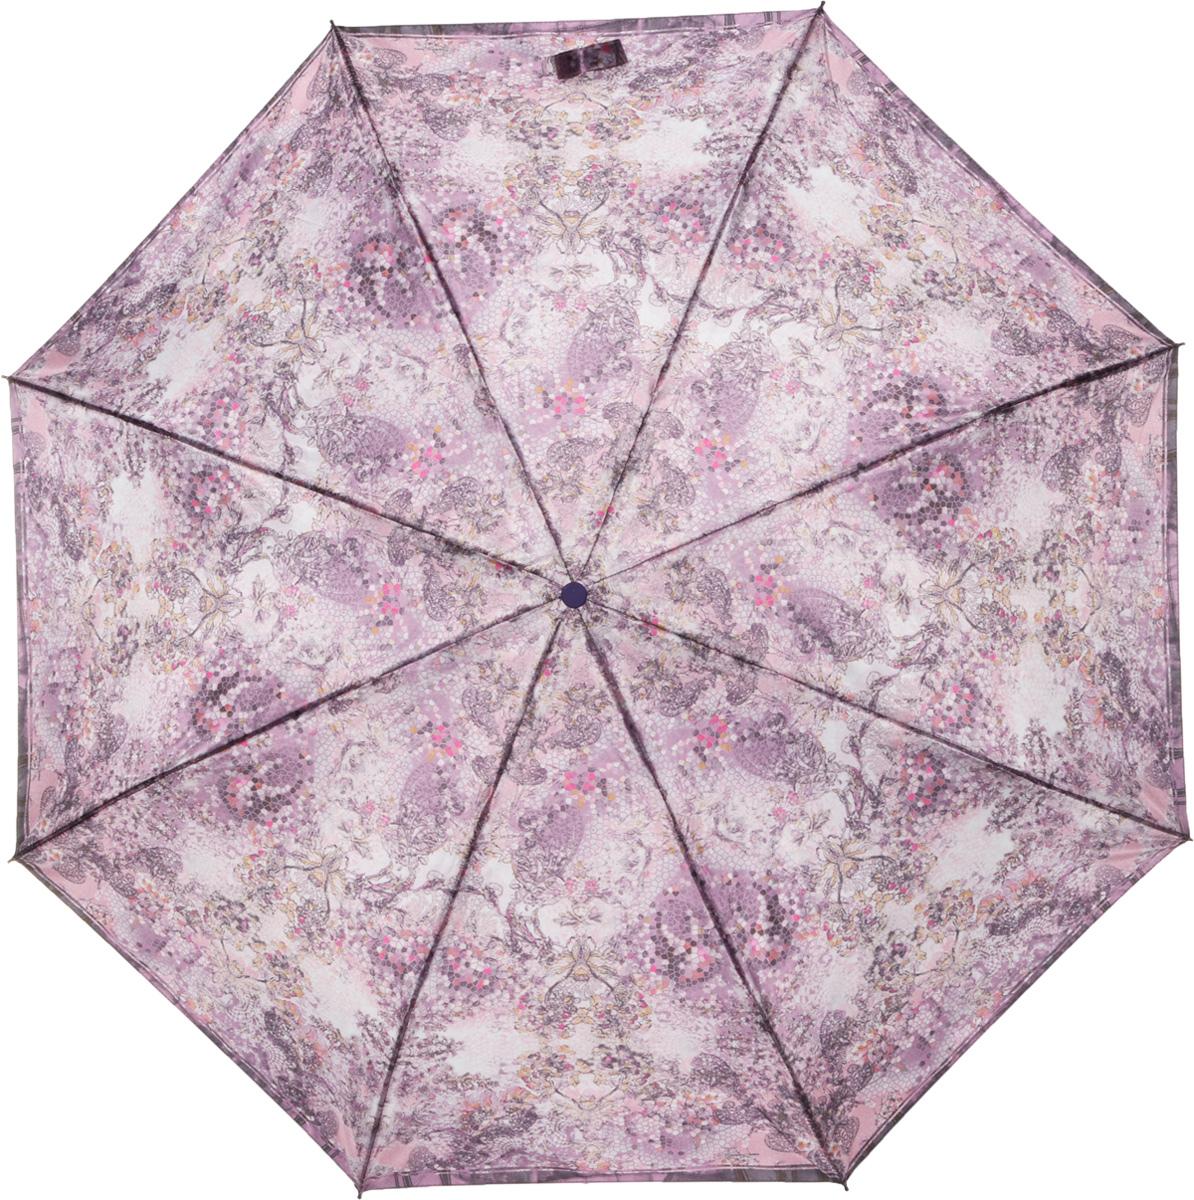 Зонт женский Eleganzza, автомат, 3 сложения, цвет: бежевый. A3-05-0275LA3-05-0275LЖенский зонт-автомат. Материал купола 100% полиэстер, сатин. Материал каркаса: сталь + фибергласс. Материал ручки: пластик. Длина изделия - 30 см, диаметр купола - 105 см.